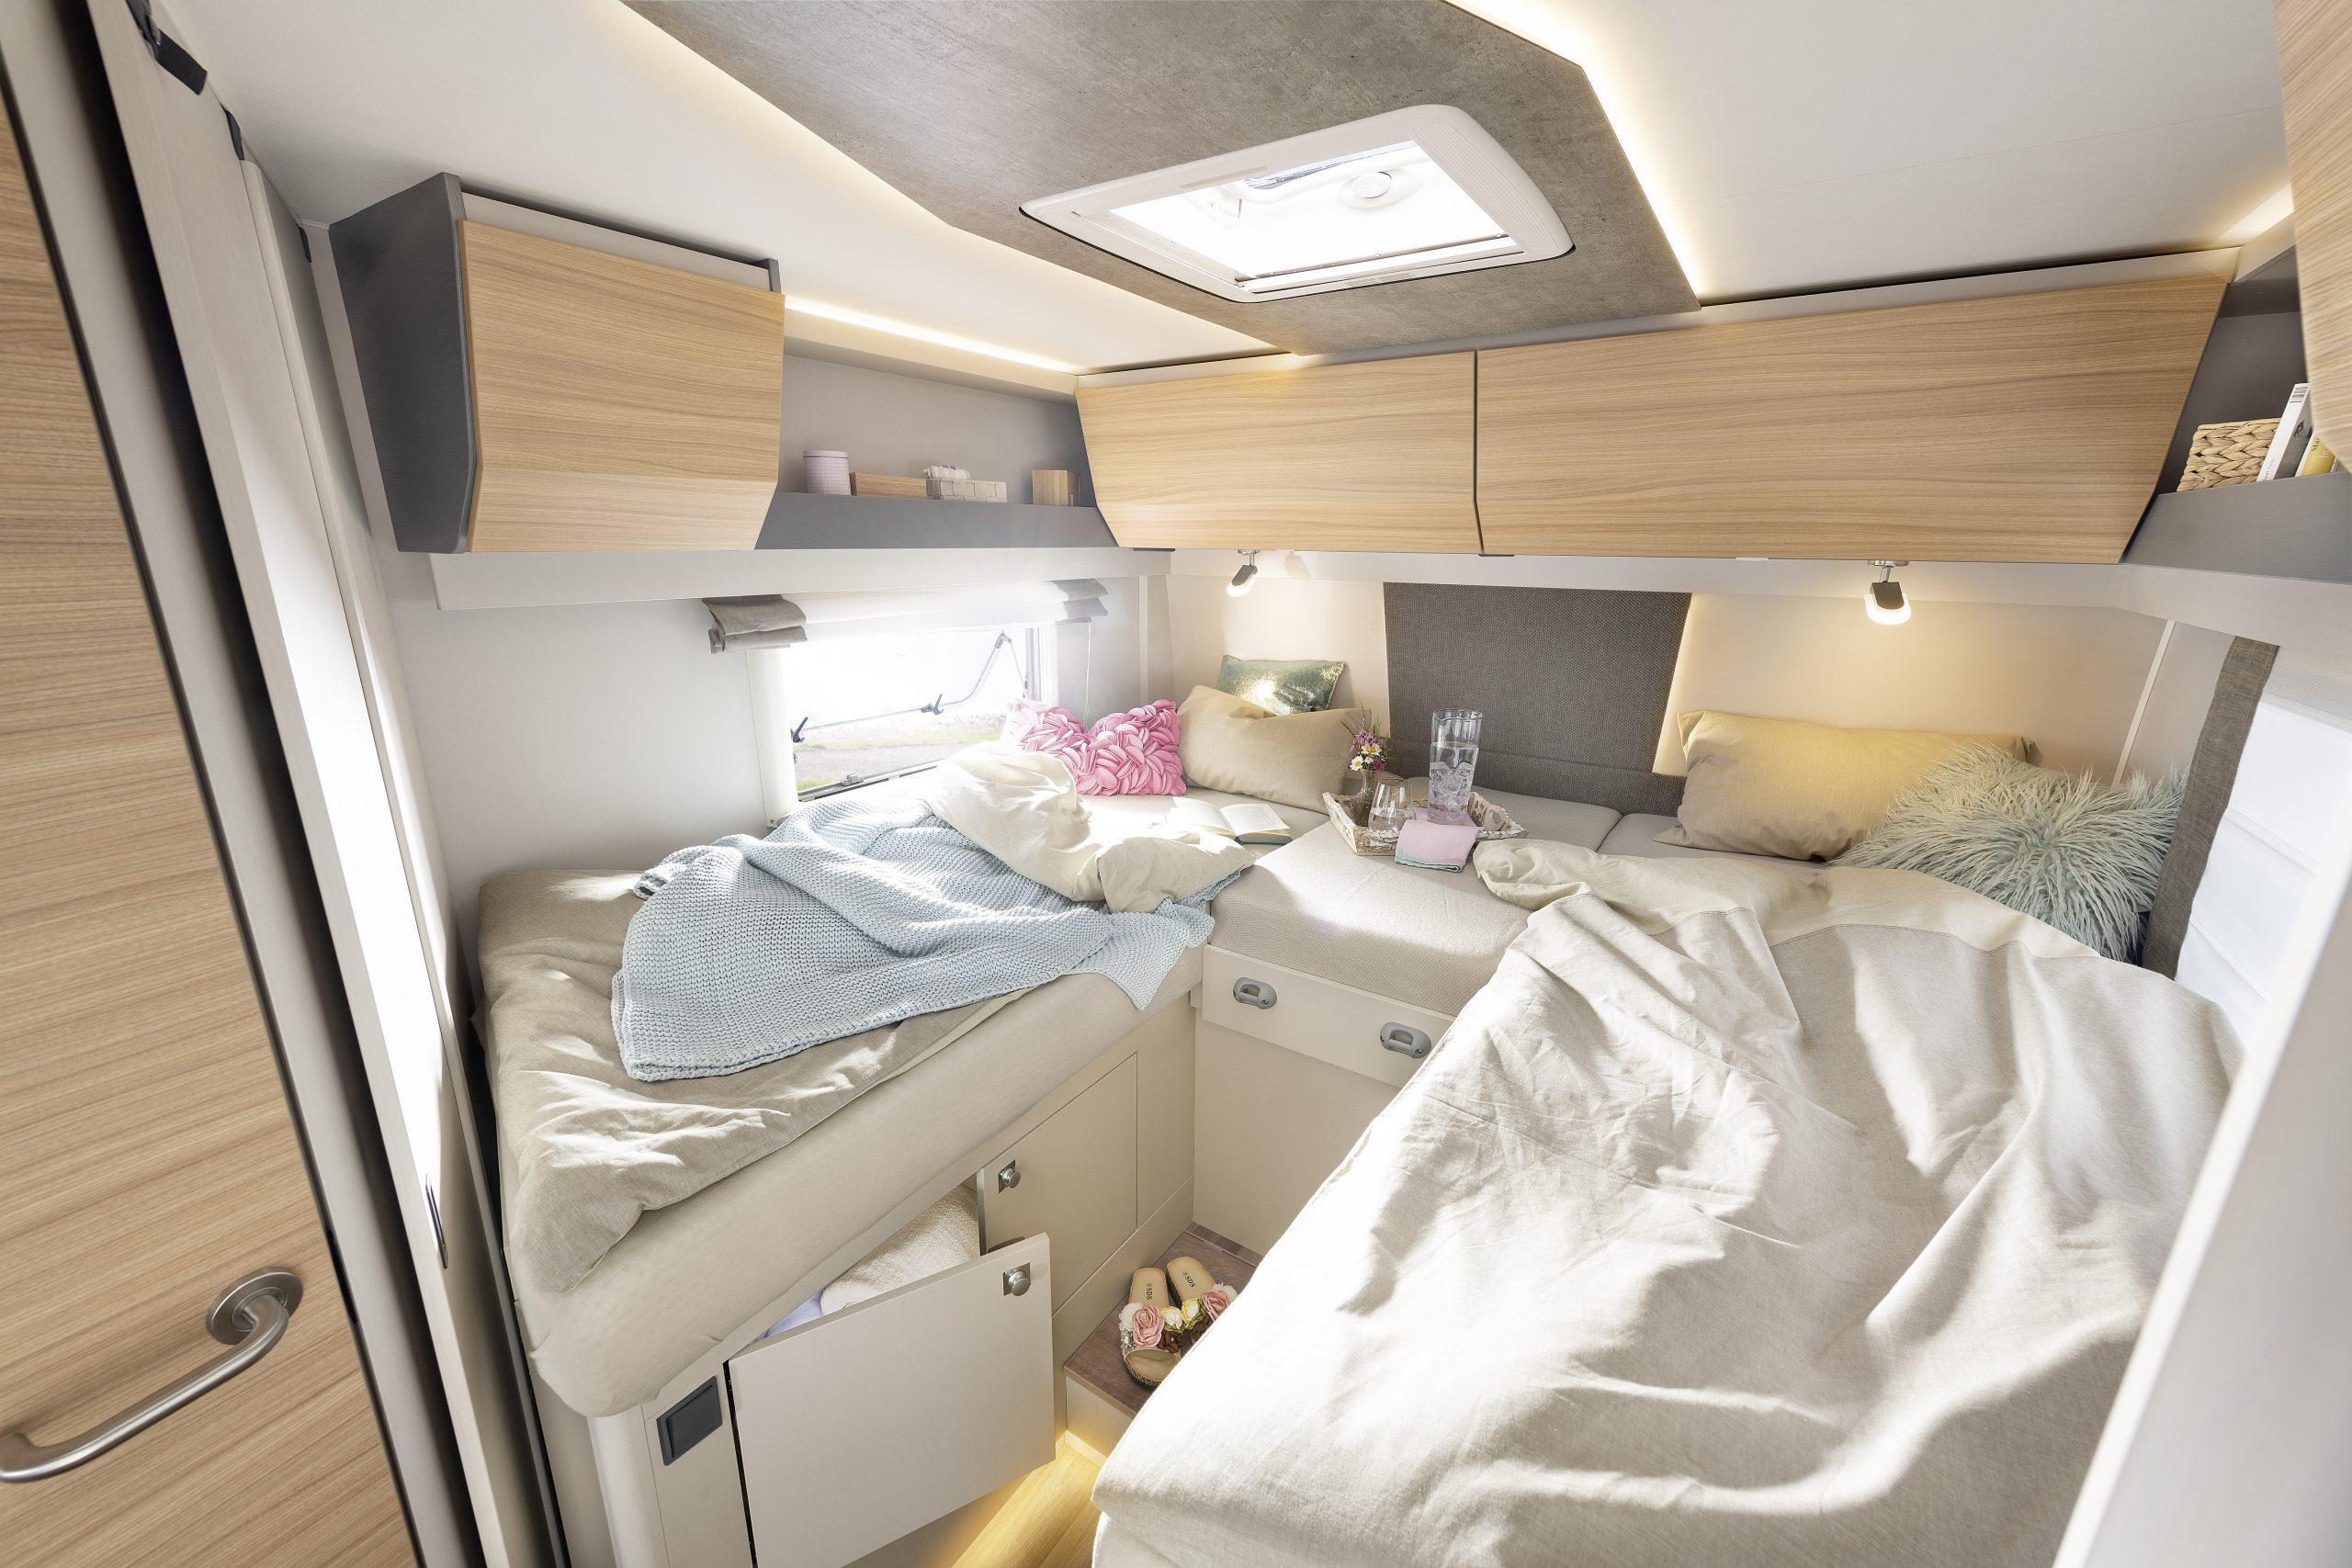 Comfort Standard soveplass